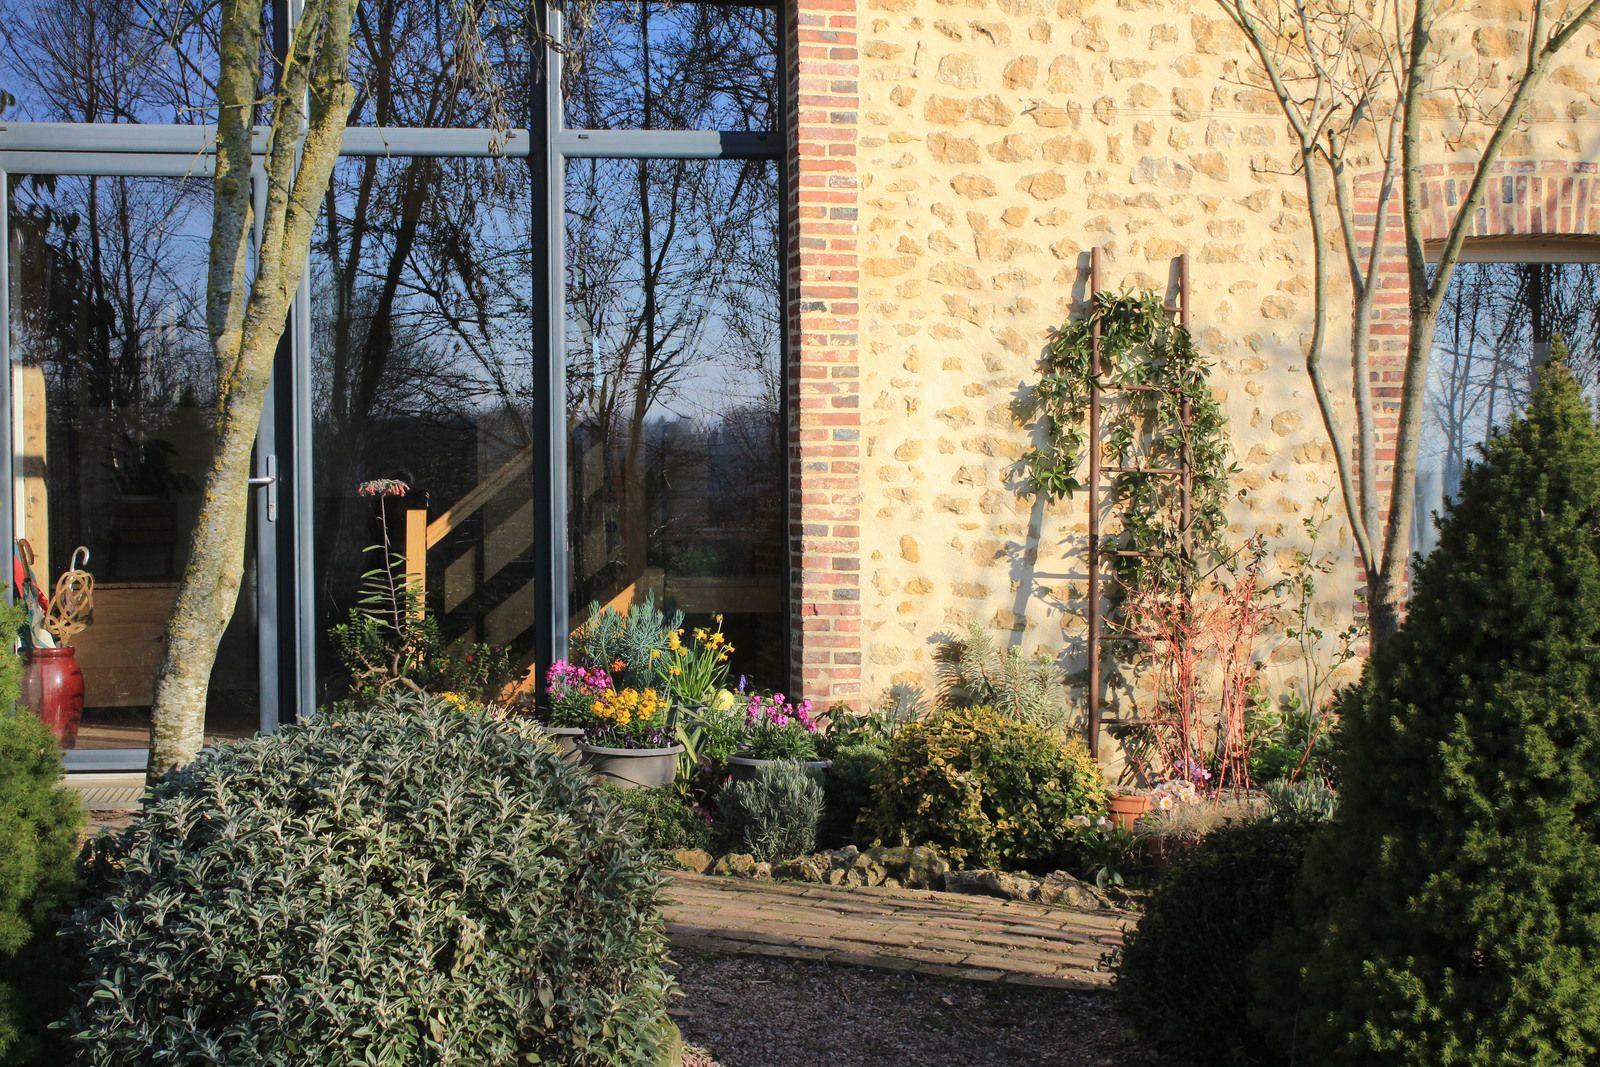 devant la maison on s'offre quelques potées très colorées et éphémères le temps d'un bel hiver décalé